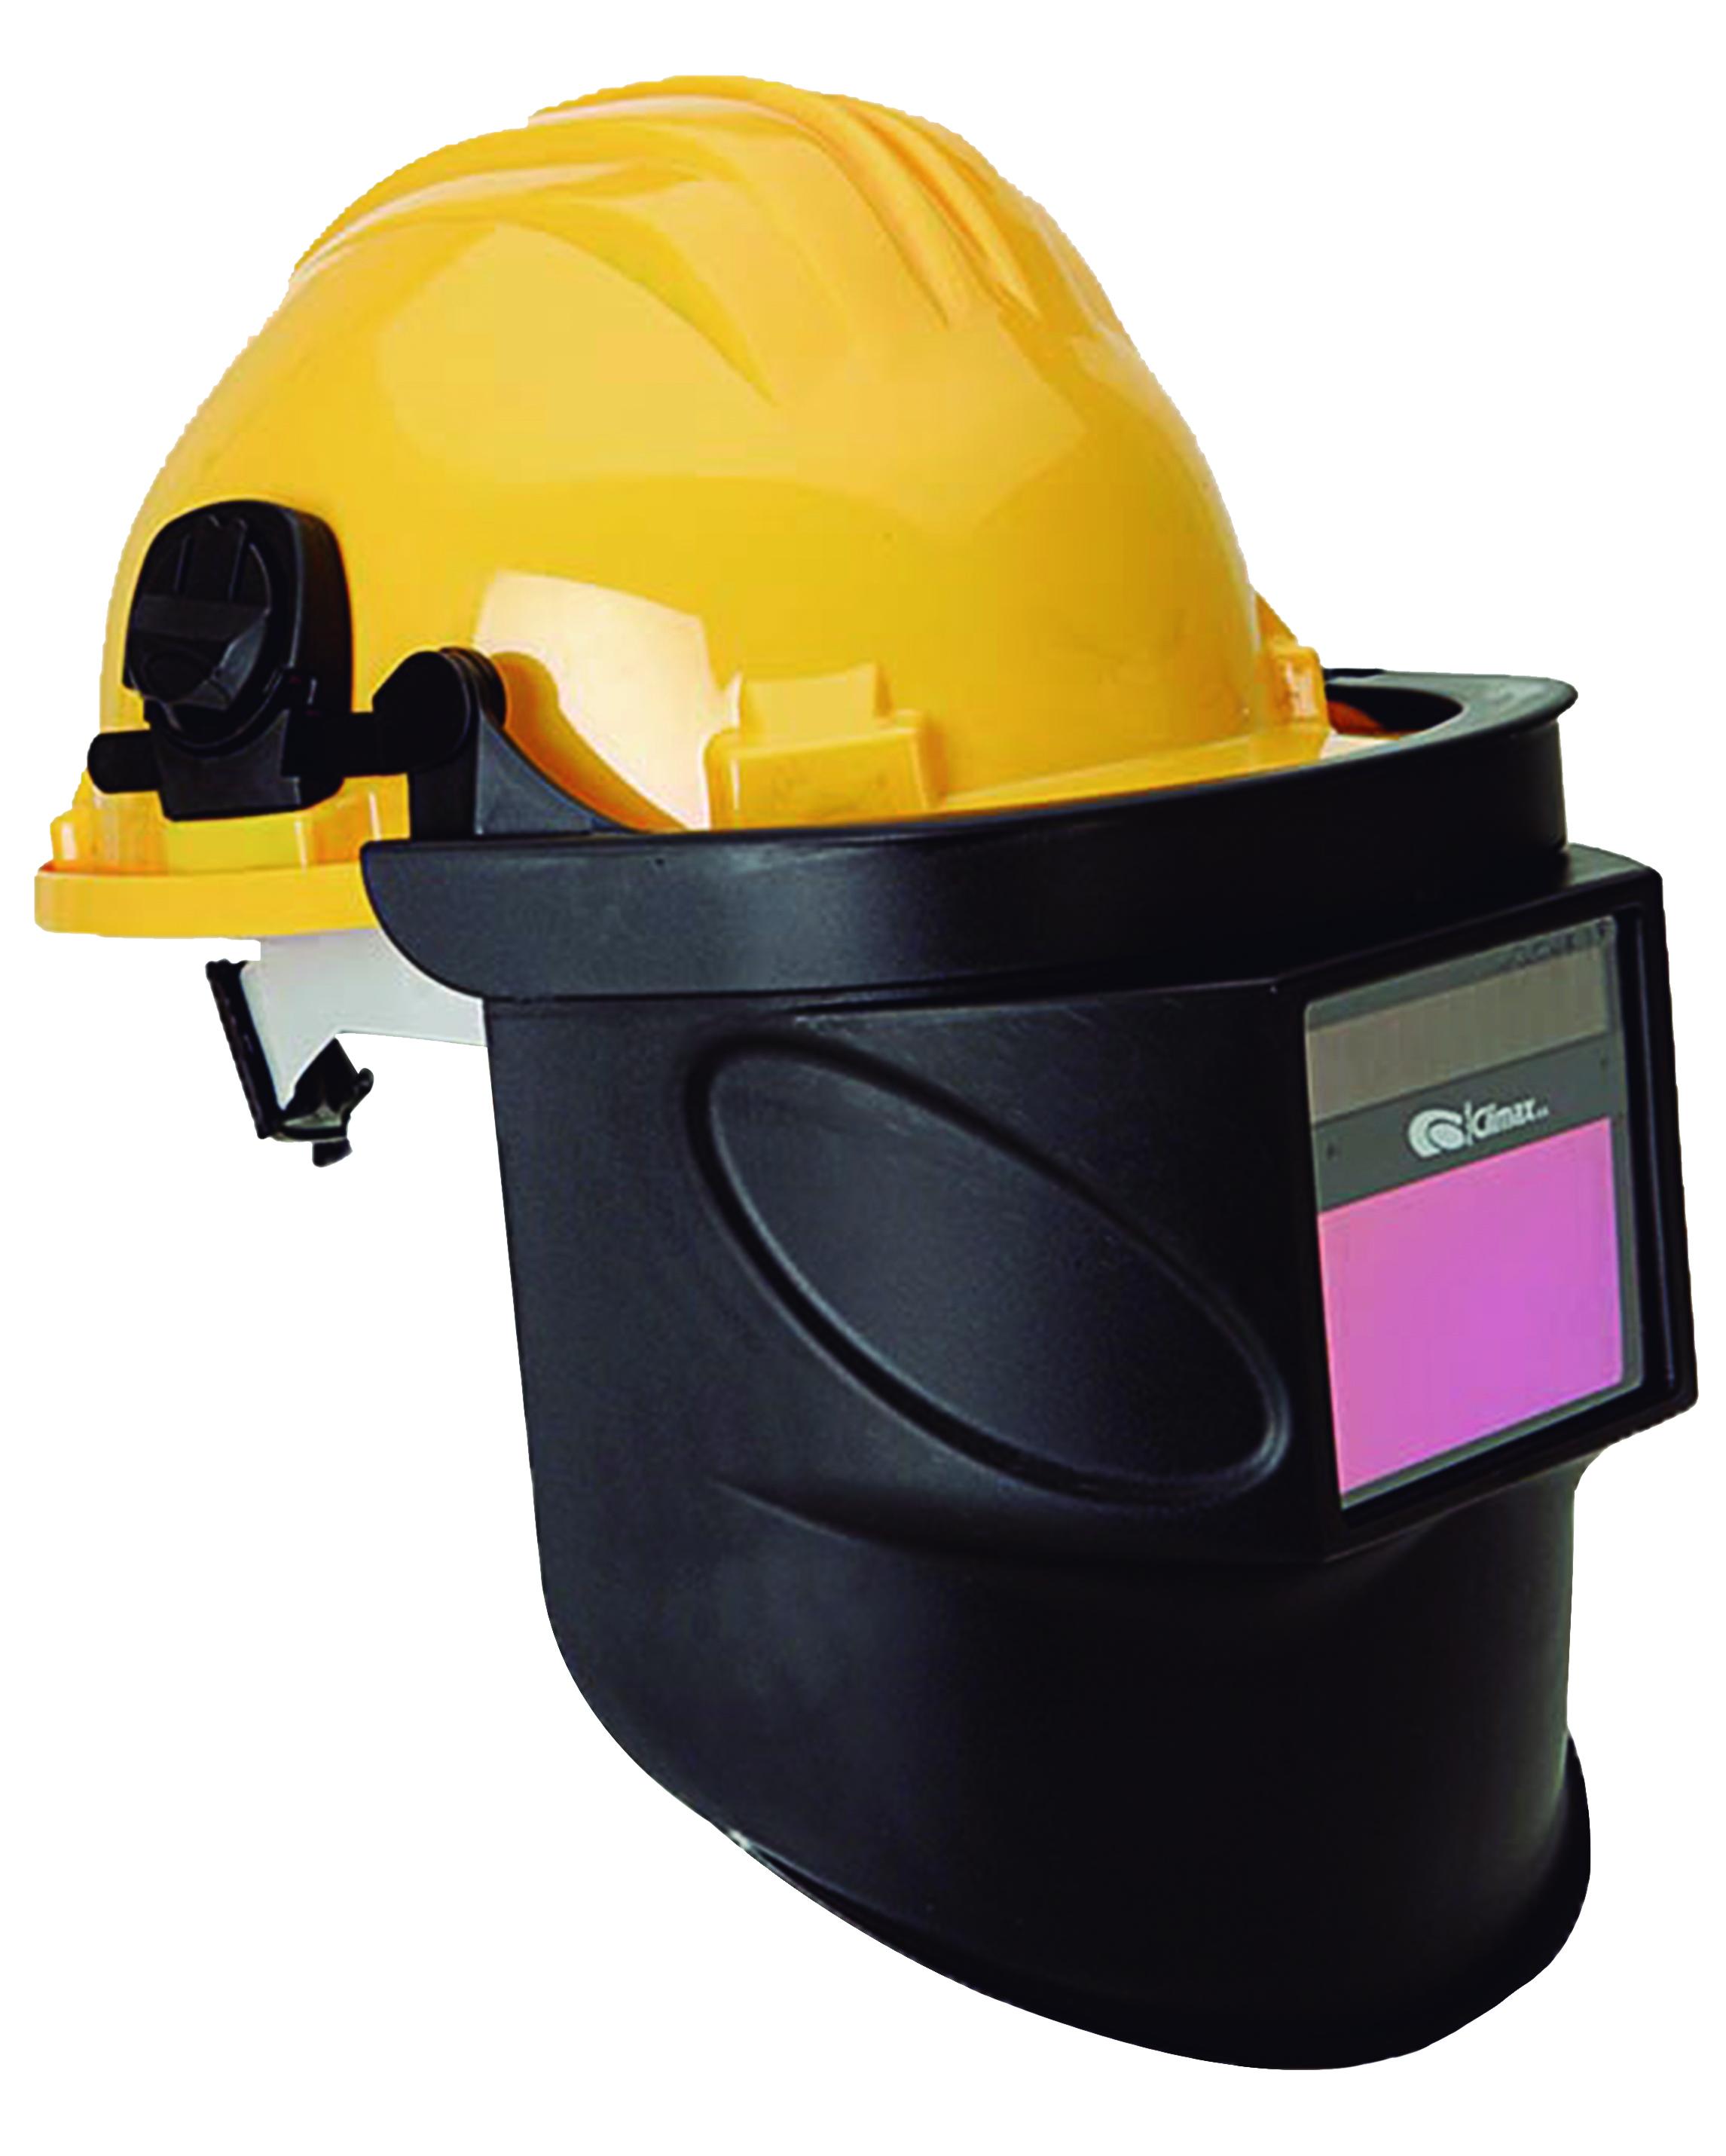 Automatik-Maske mit Halterung (ohne Helm)